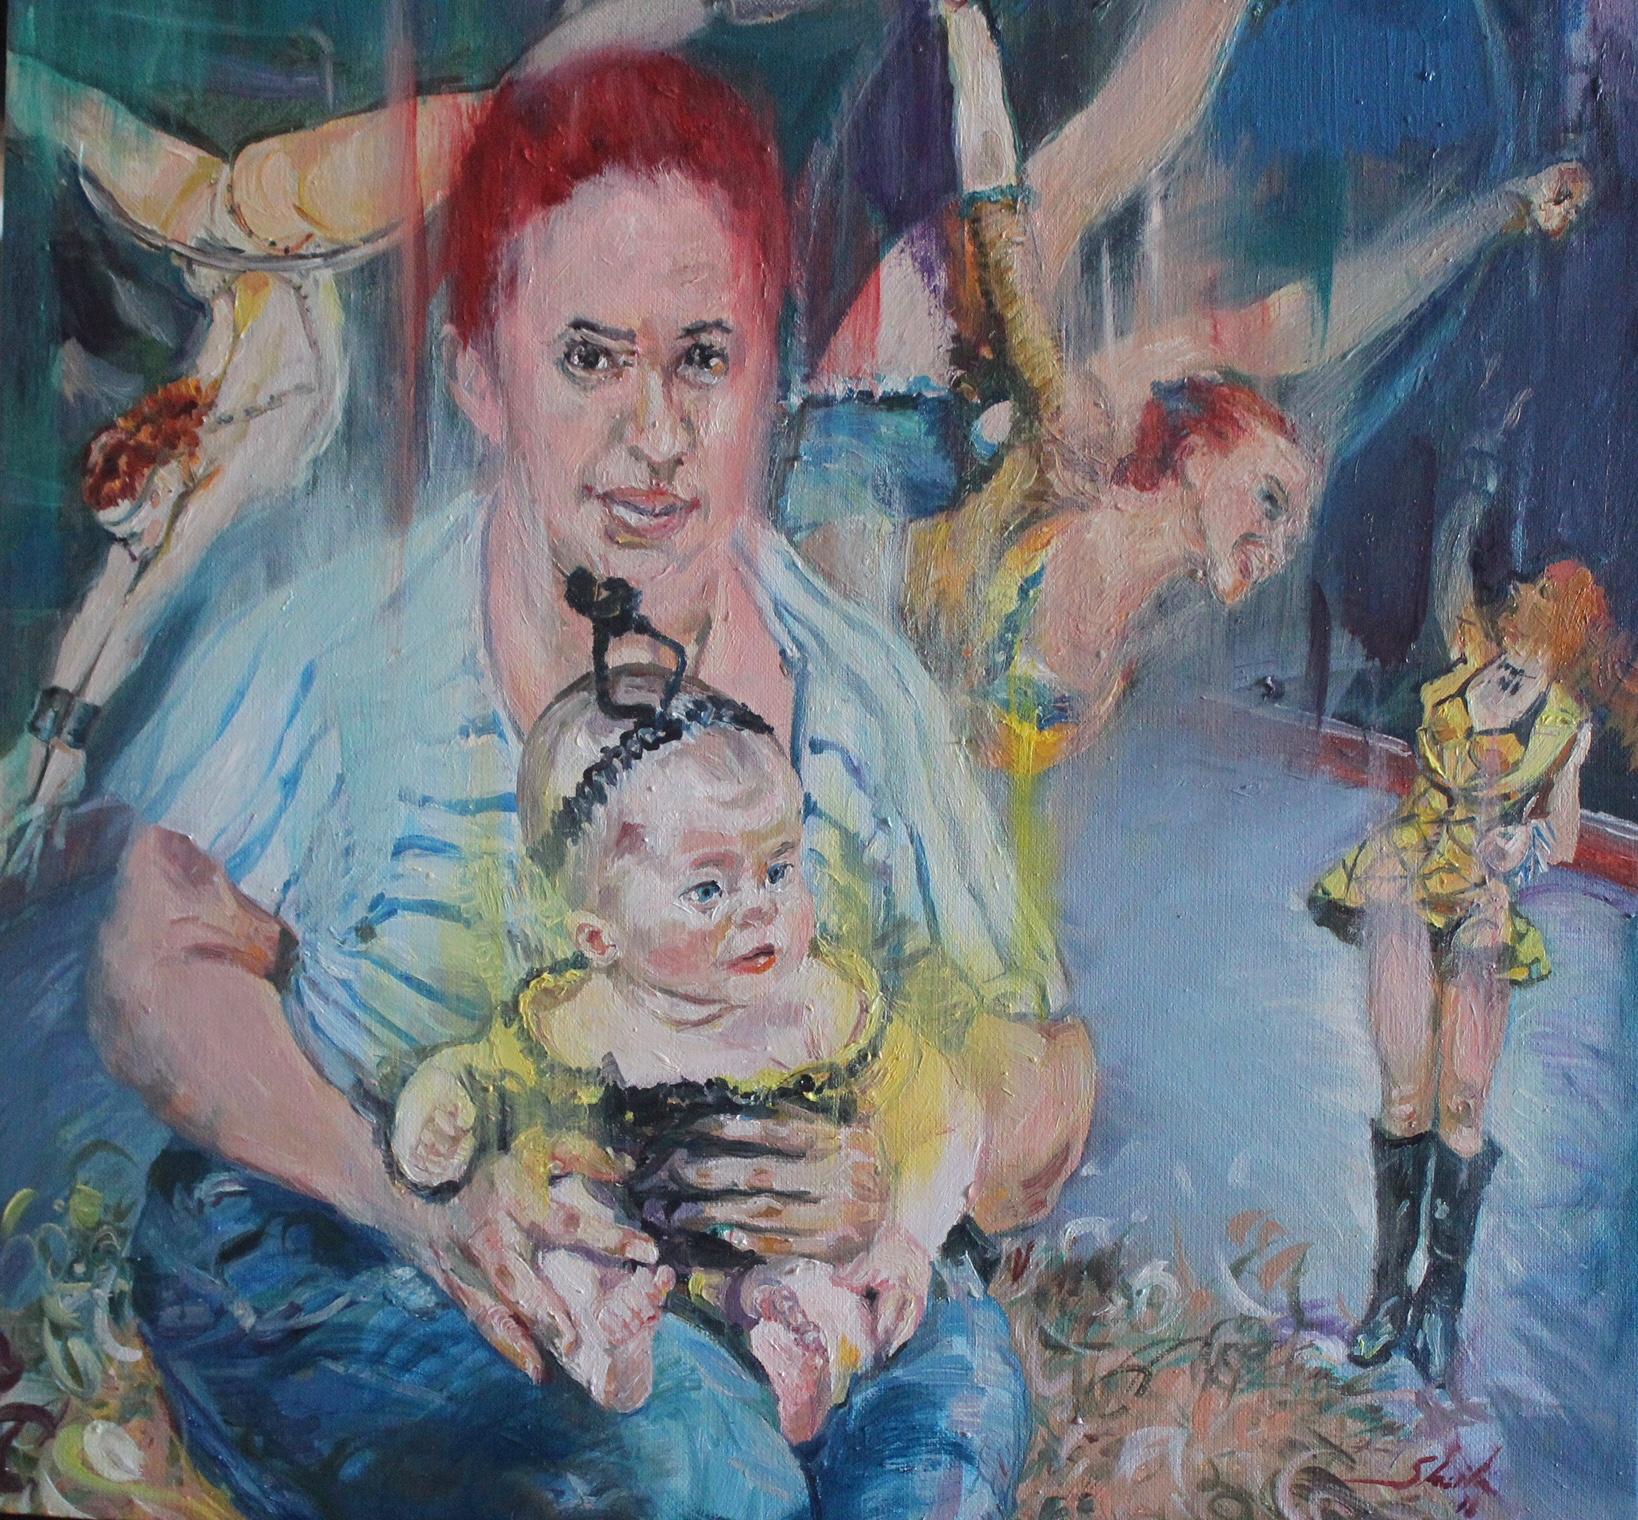 Mujeres de circo, por la artista cubana Sheila Fraga.